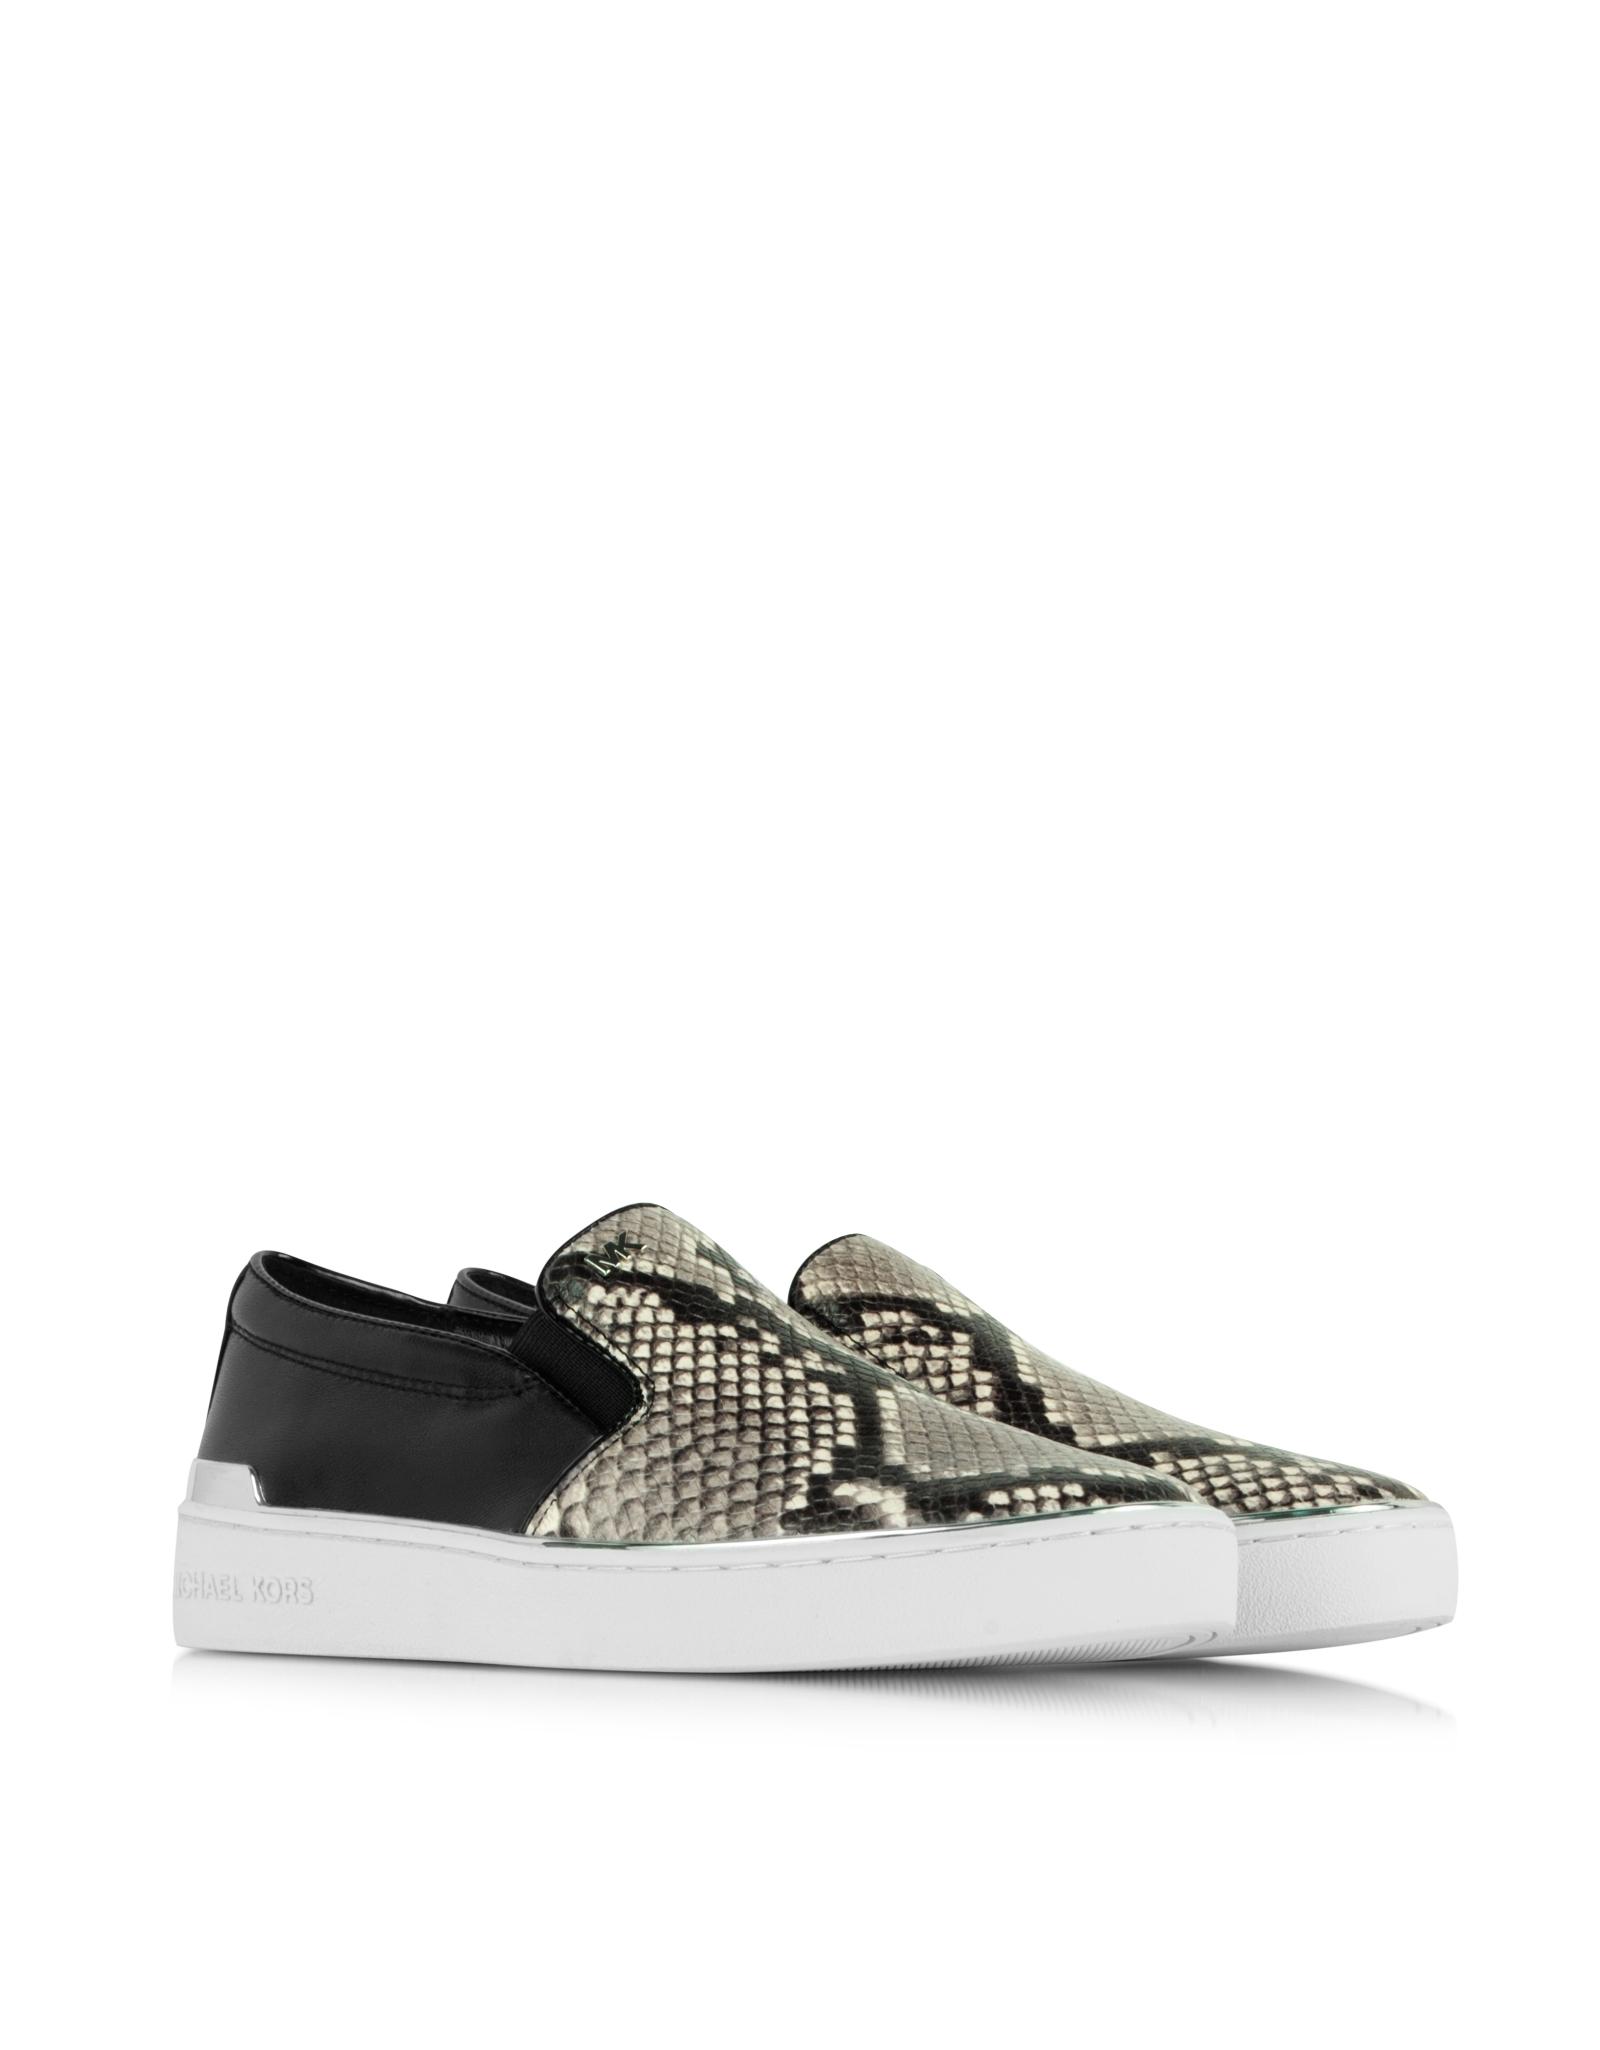 a9e5e740046 Michael Kors Kyle Embossed Snake Leather Slip On Sneaker - Lyst